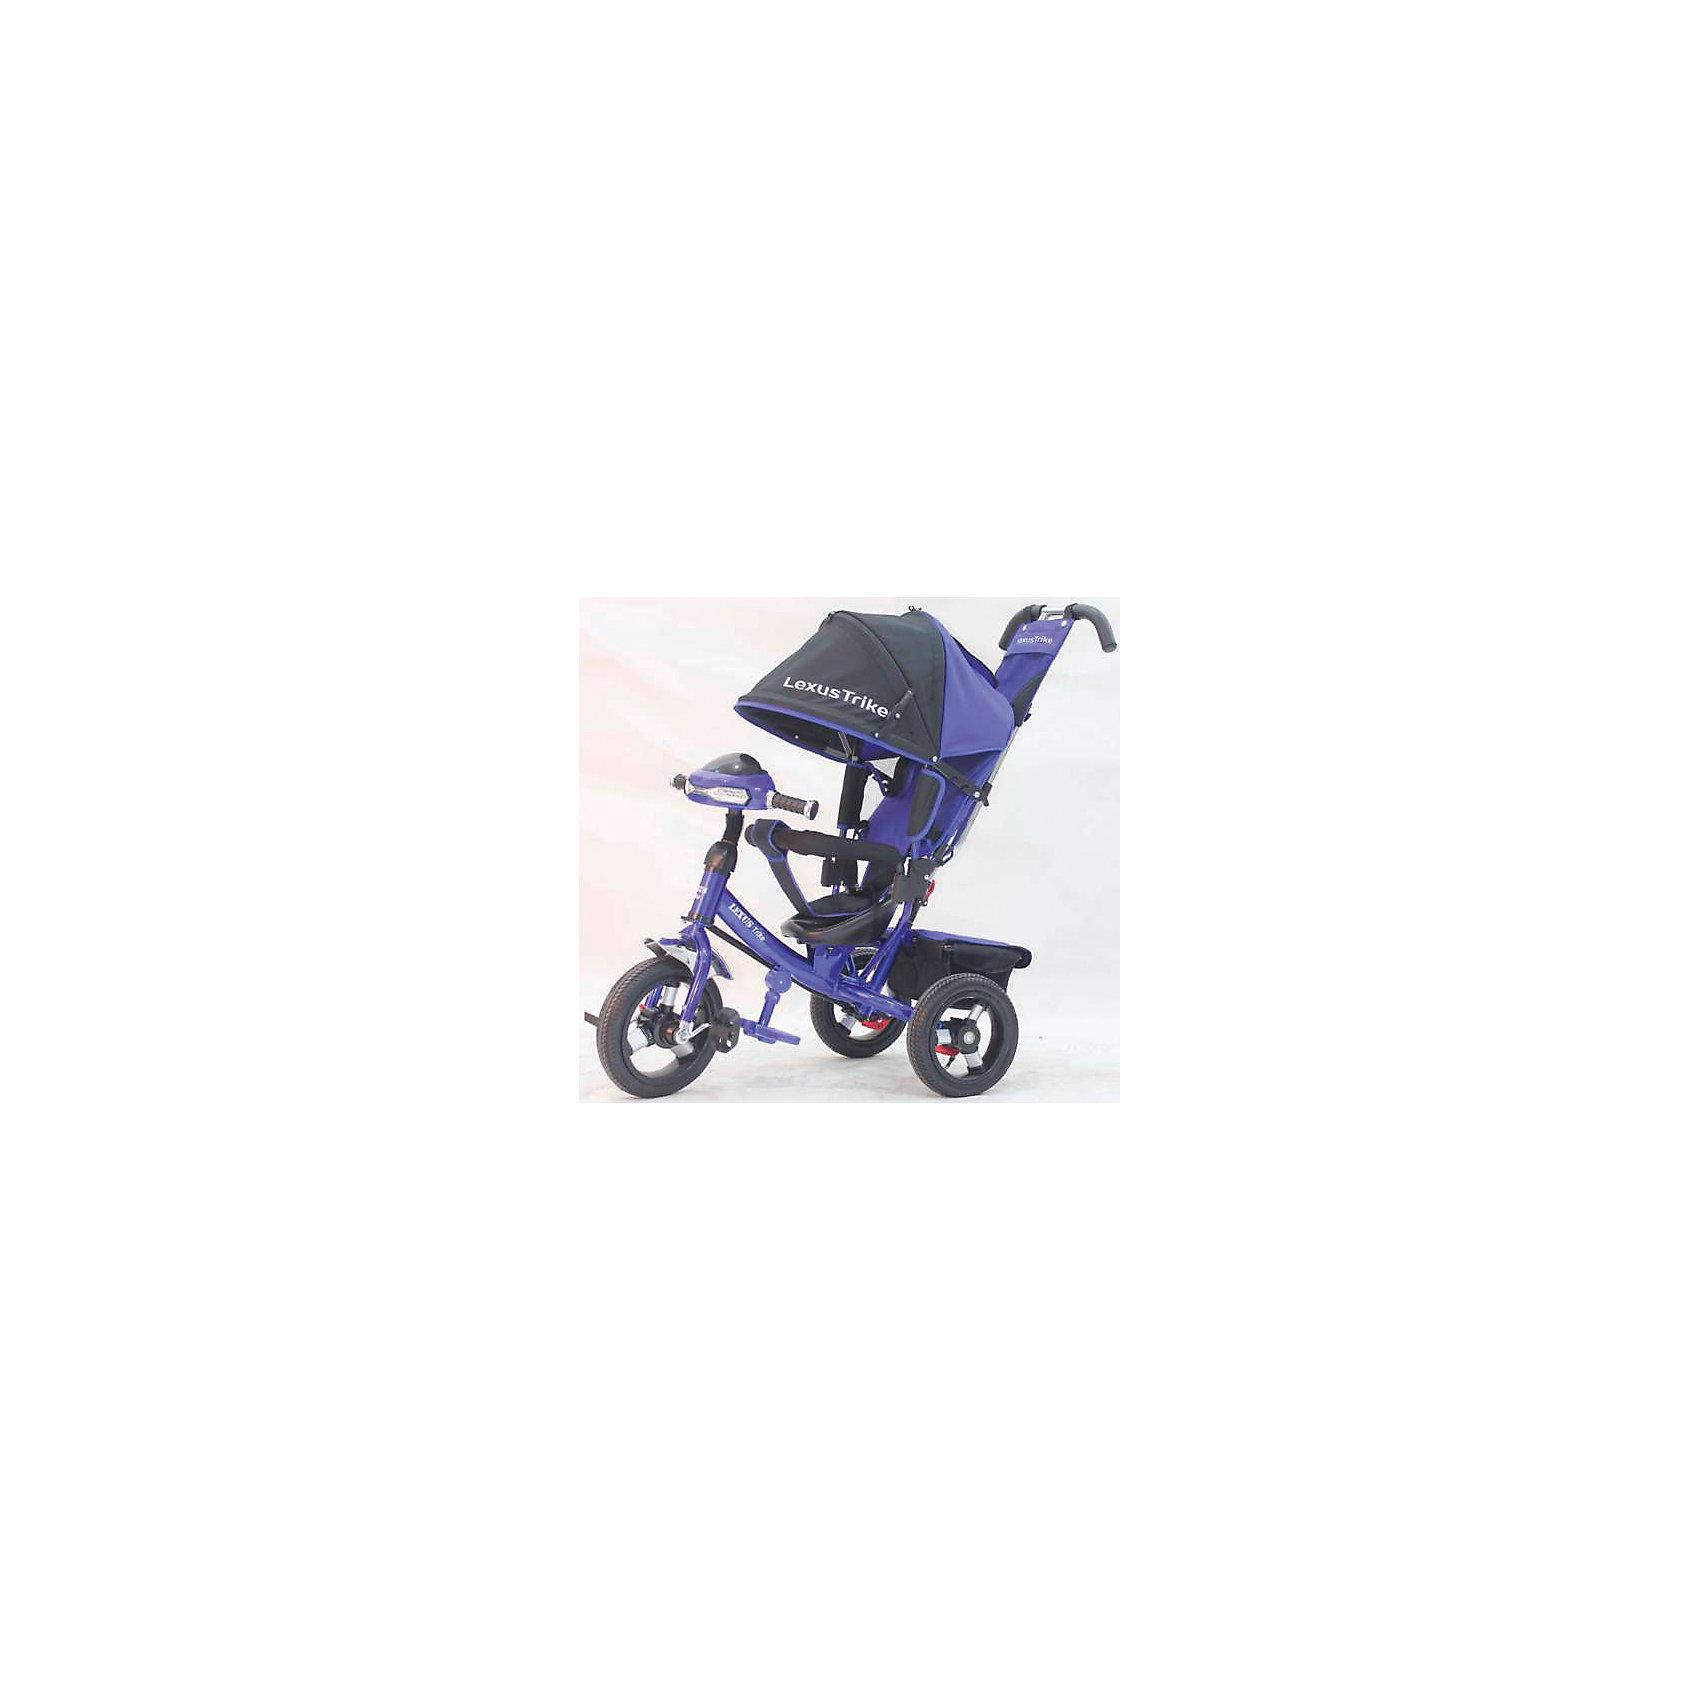 Трехколесный велосипед, со светом и звуком, синий, Lexus Trike LX- надувные резиновые колеса с алюминиевыми спицами и металлическими втулками передние 30 см (12) с функцией свободного хода, задние 25 см (10), - двойная телескопическая родительская ручка с мягкими рукоятками из пористой резины и сумочкой, - спинка с регулируемым углом наклона (3 положения), - складная подставкя для ног; - складной и съемный тент колясочного типа с фиксаторами положения и окошком, - покрытое мягкой тканью сидение с двухточечным ремнем безопасности, - подголовник на спинке, - стопоры задних колёс, - регулируемая поворотная рычаг-спица, - раздвижная дуга безопасности с мягкими подлокотниками из пористой резины, - багажная корзина с крышкой, - игровая панель со световыми и звуковыми эффектами, синий, - цветная коробка.<br><br>Ширина мм: 810<br>Глубина мм: 470<br>Высота мм: 1100<br>Вес г: 13800<br>Возраст от месяцев: 12<br>Возраст до месяцев: 36<br>Пол: Унисекс<br>Возраст: Детский<br>SKU: 5526359